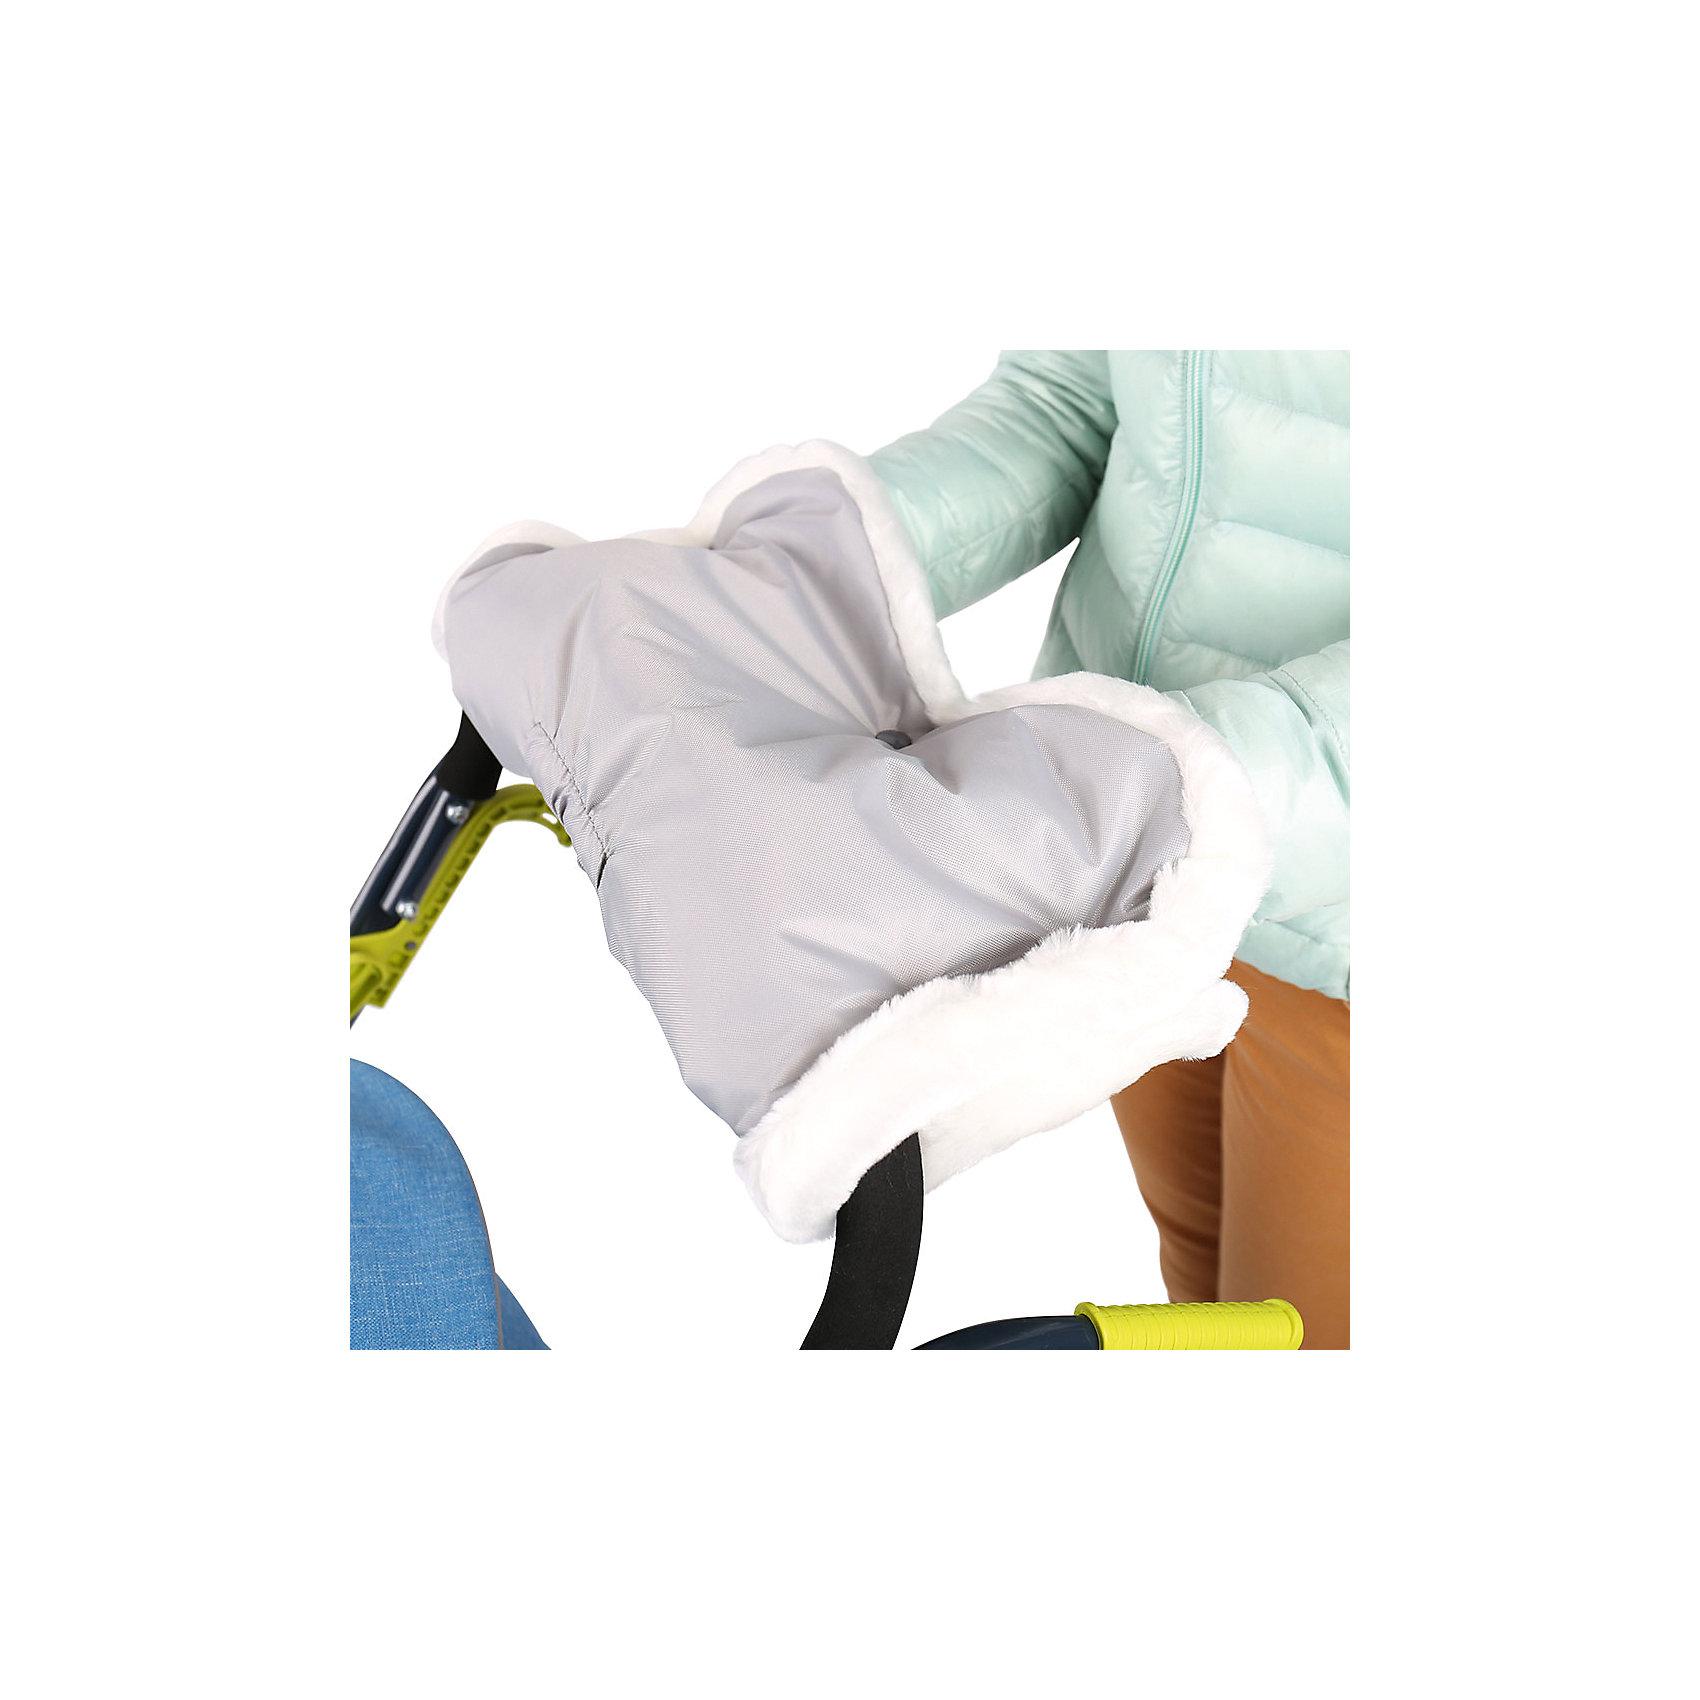 Муфта для санок Ника МС1, серыйСанки-коляски<br>Характеристики товара:<br><br>• материал: ПВХ, искусственный мех;<br>• размер муфты: 43х24х3 см;<br>• страна-производитель: Россия.<br><br>Муфта для санок Ника МС1 серая подходит для большинства санок и колясок. Она защитит от холода и ветра руки мамы во время зимних прогулок с ребенком. Муфта легко крепится на ручку коляски или санок. Верхний материал не пропускает влагу. Внутренняя подкладка выполнена из искусственного меха, сохраняющего тепло. <br><br>Муфту для санок Ника МС1 серую можно приобрести в нашем интернет-магазине.<br><br>Ширина мм: 9999<br>Глубина мм: 9999<br>Высота мм: 9999<br>Вес г: 0<br>Возраст от месяцев: 12<br>Возраст до месяцев: 48<br>Пол: Унисекс<br>Возраст: Детский<br>SKU: 7120397